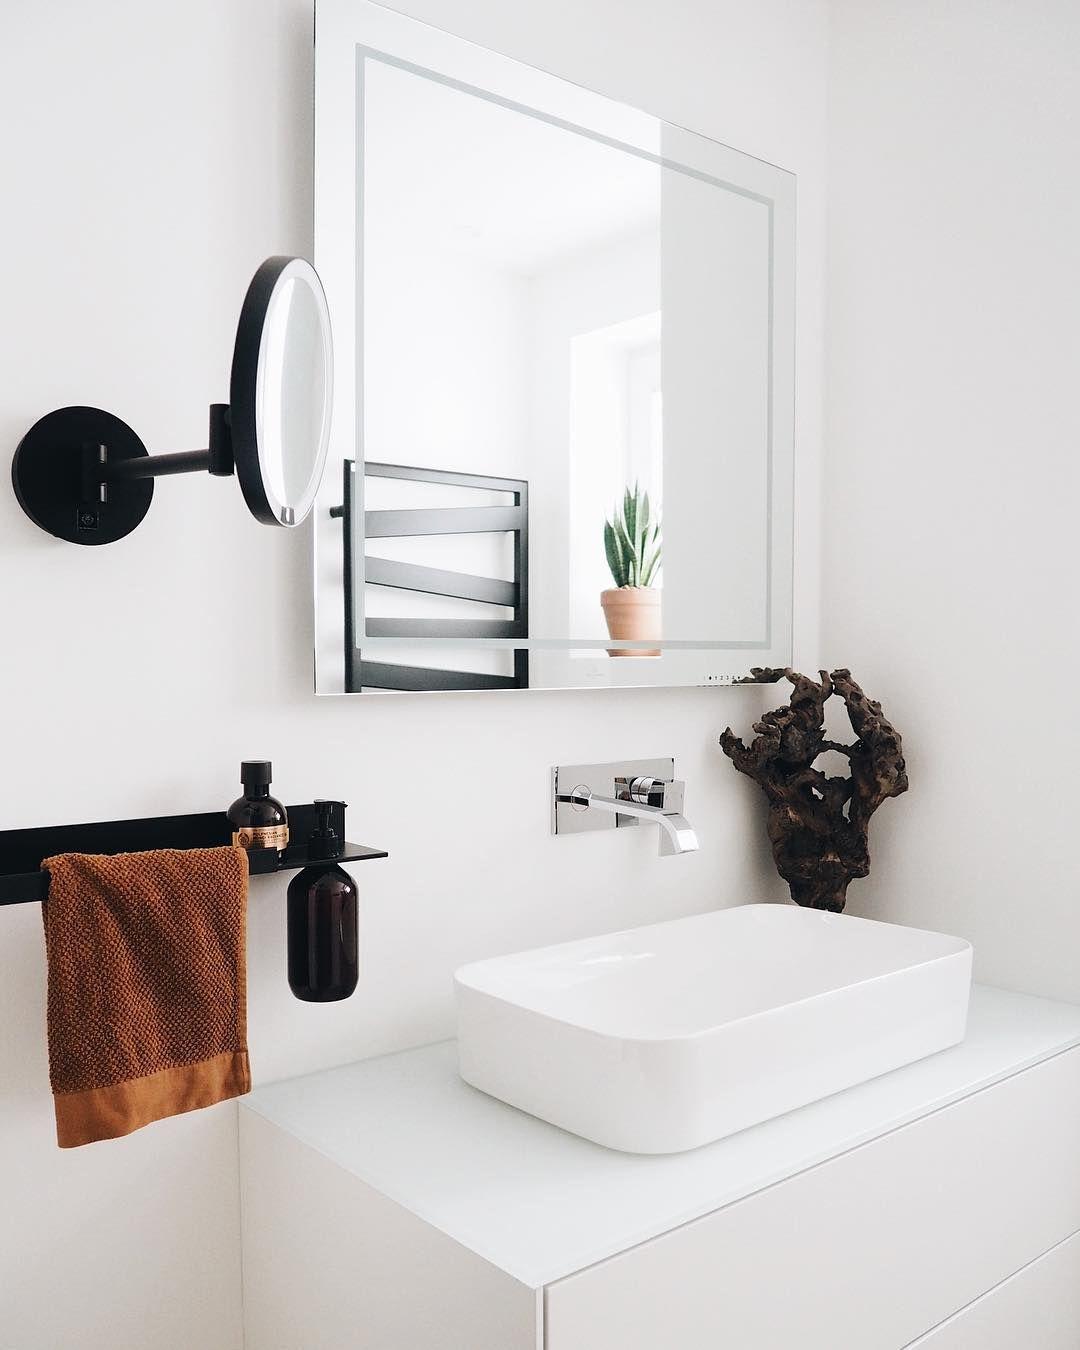 badezimmer #bathroom #alape #schwarz #weiß #whiteinterior ...